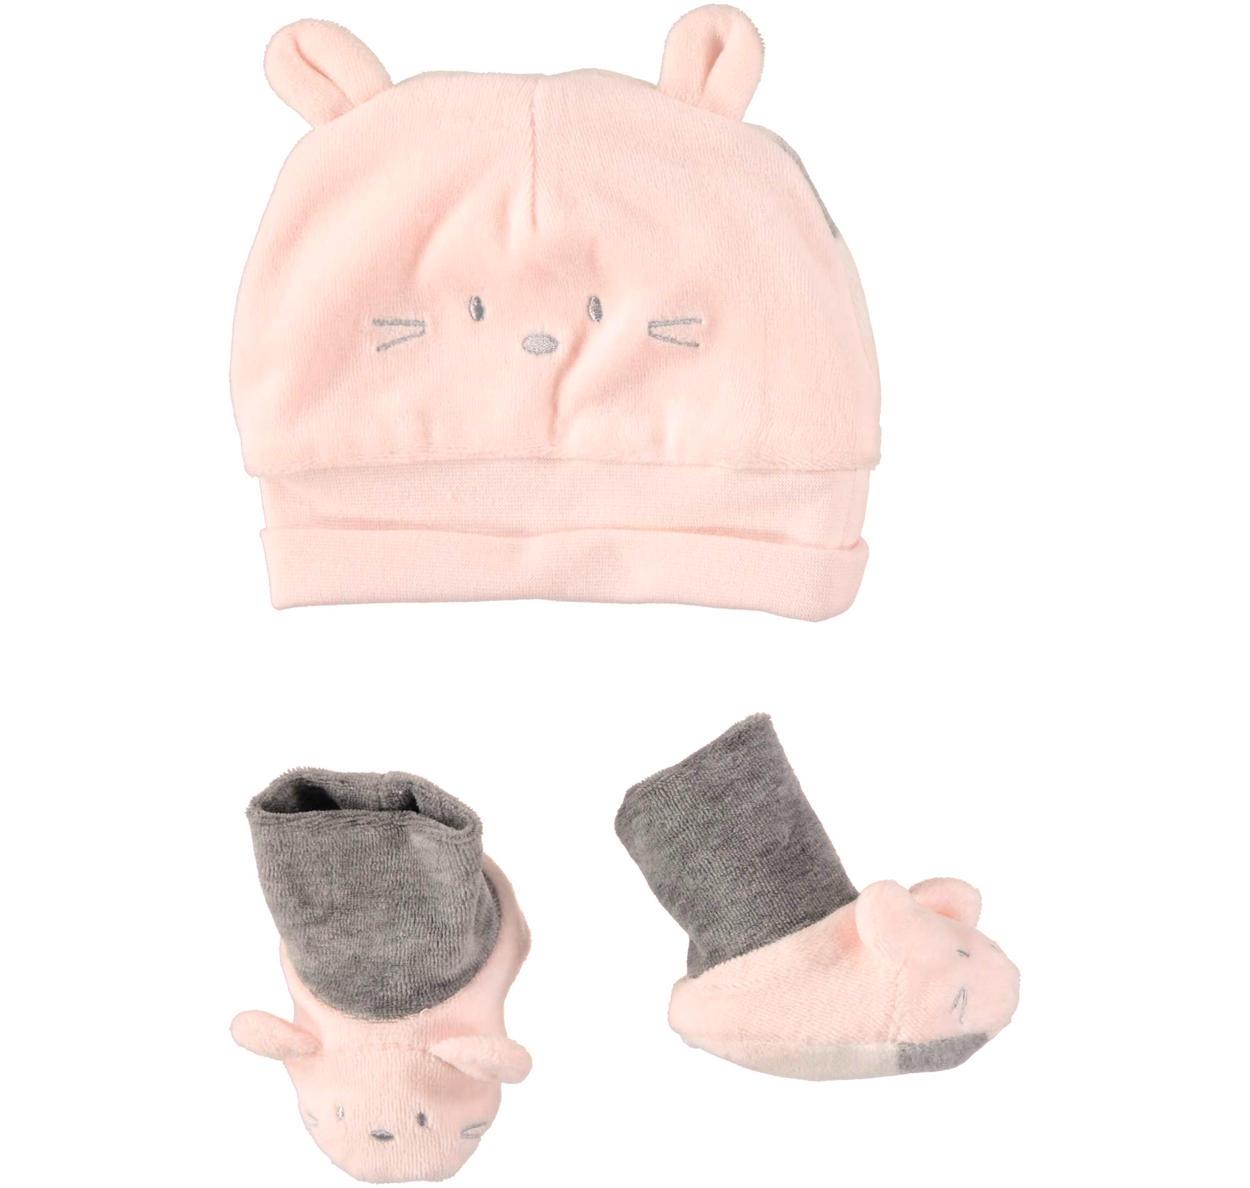 Grazioso kit unisex cappellino a cuffia e babbucce in morbida ciniglia per  neonati da 0 a 24 mesi Minibanda. ROSA-2711 616c9edc42c5